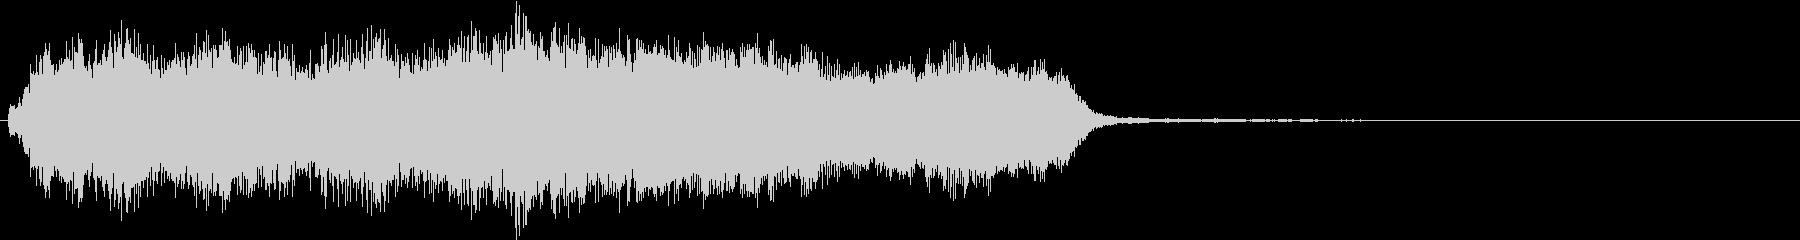 オーケストラのファンファーレジングル2の未再生の波形